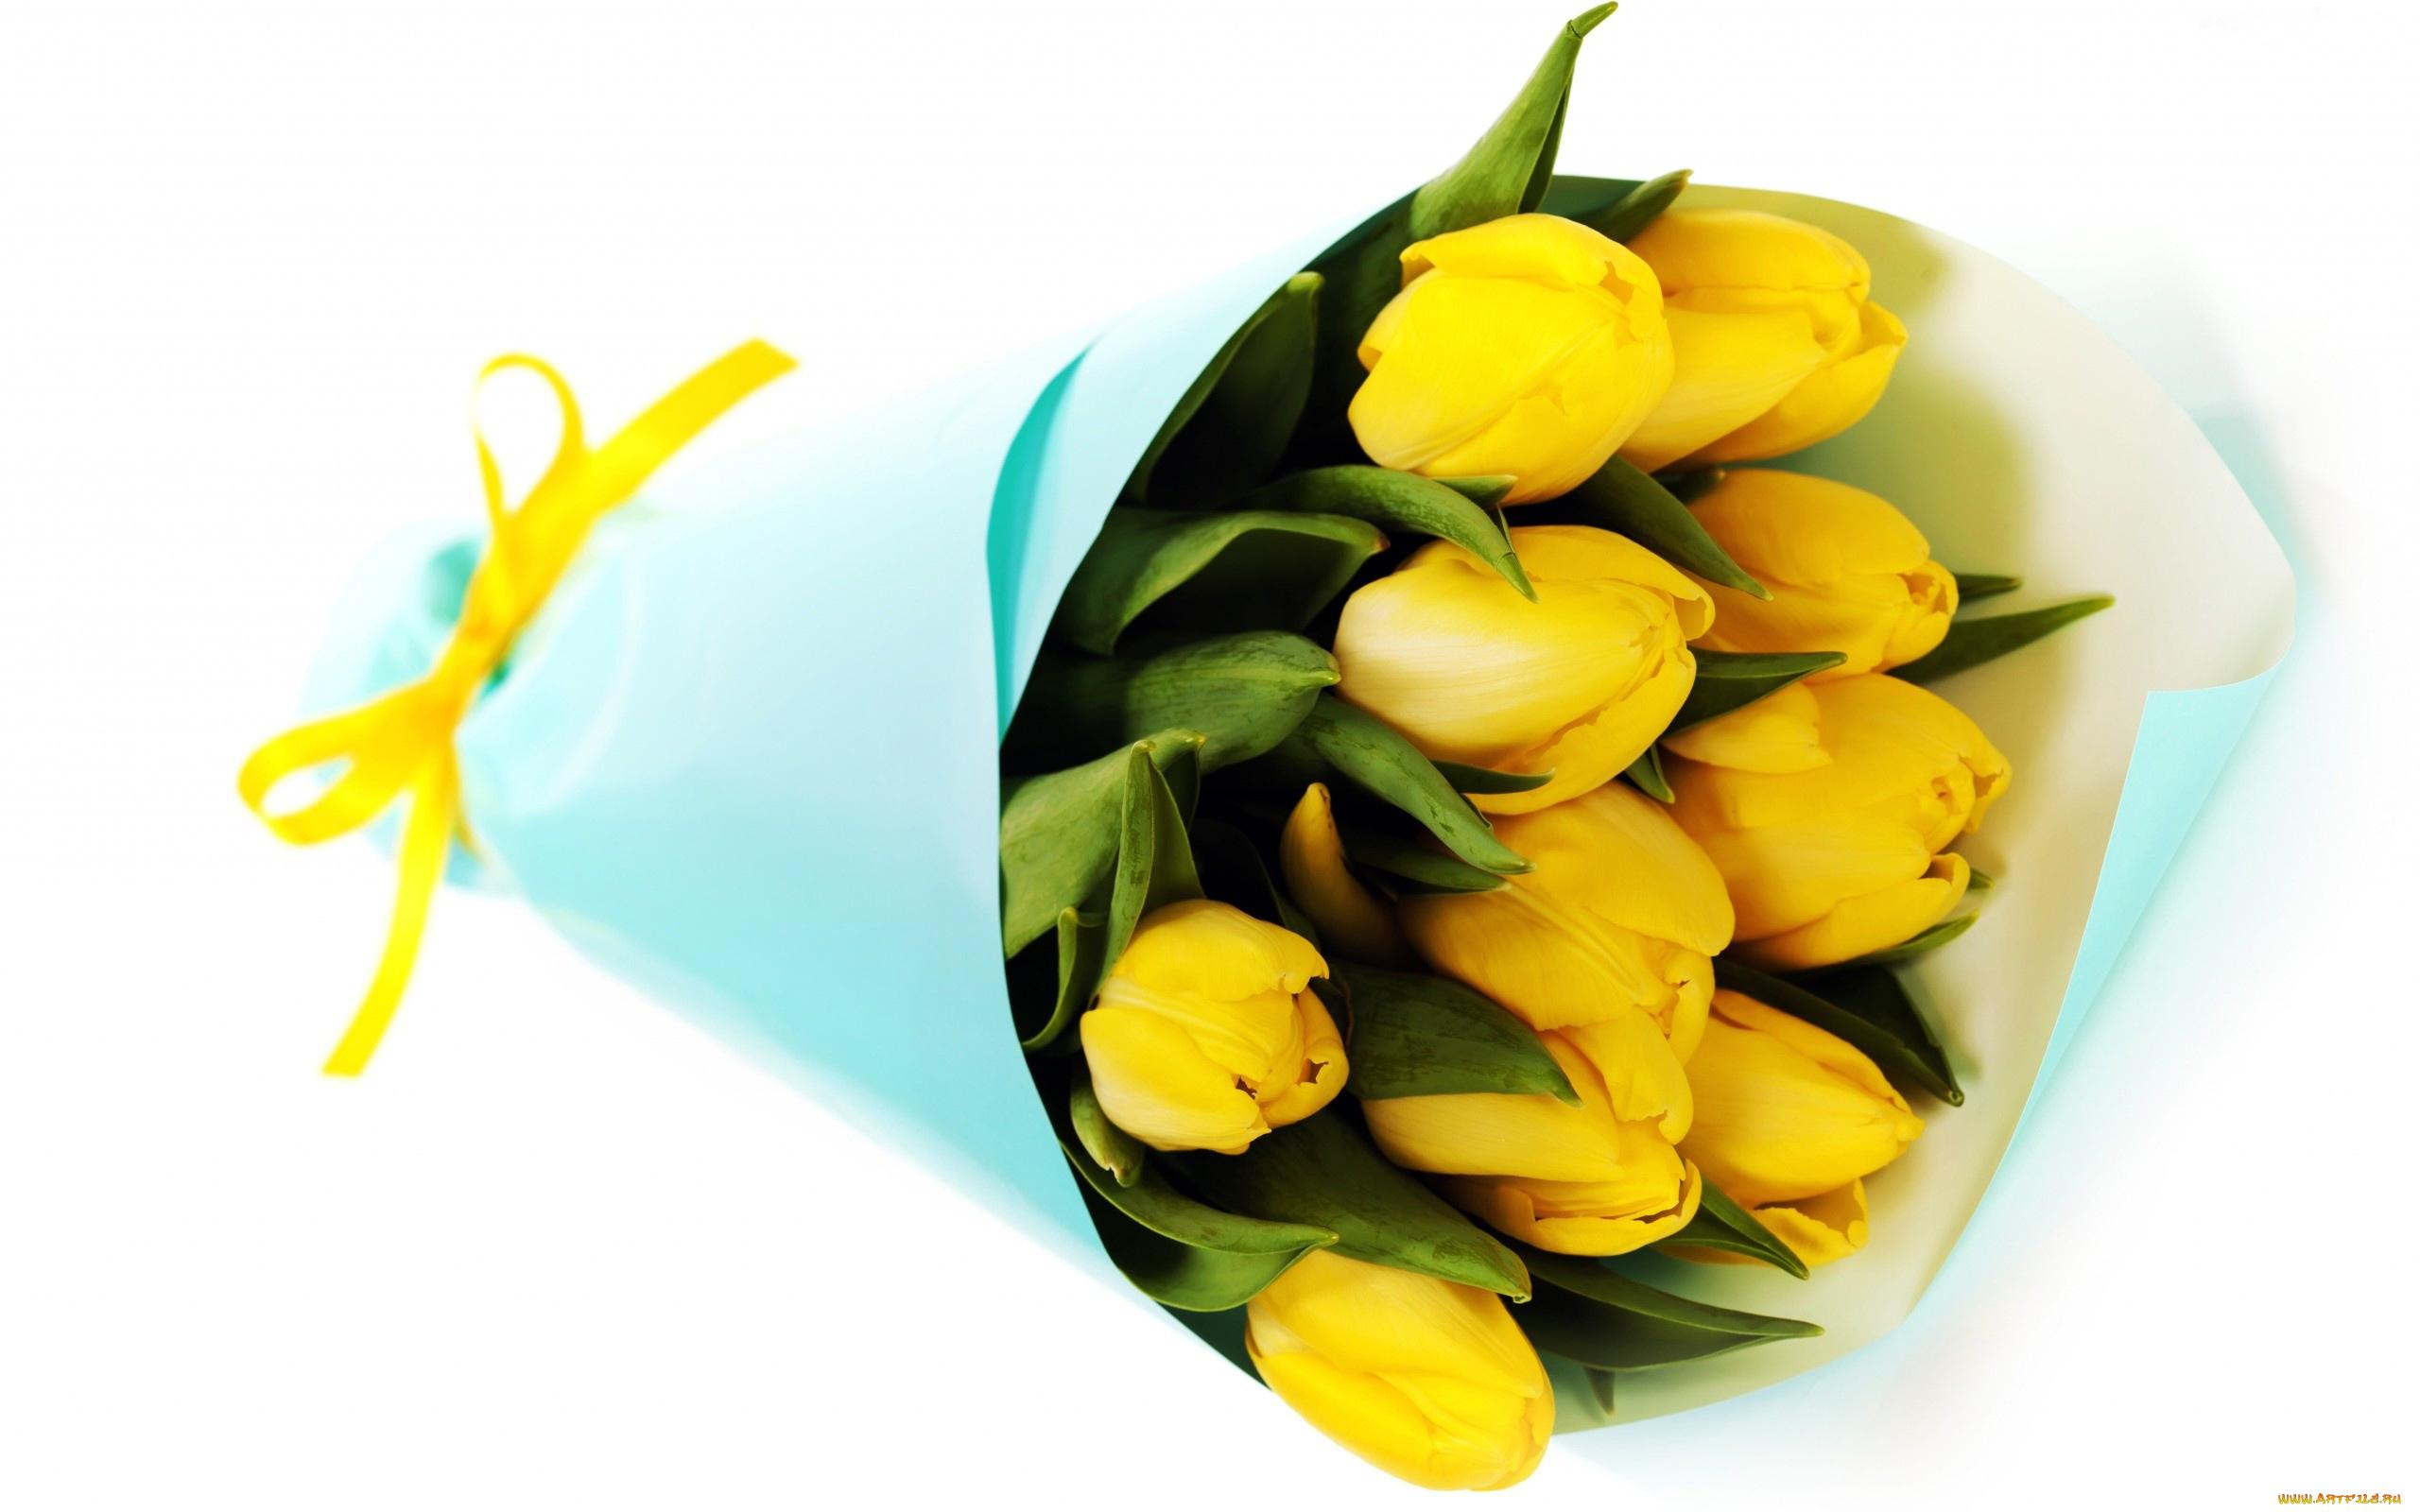 Добрым утром, открытки с днем рождения с желтыми тюльпанами